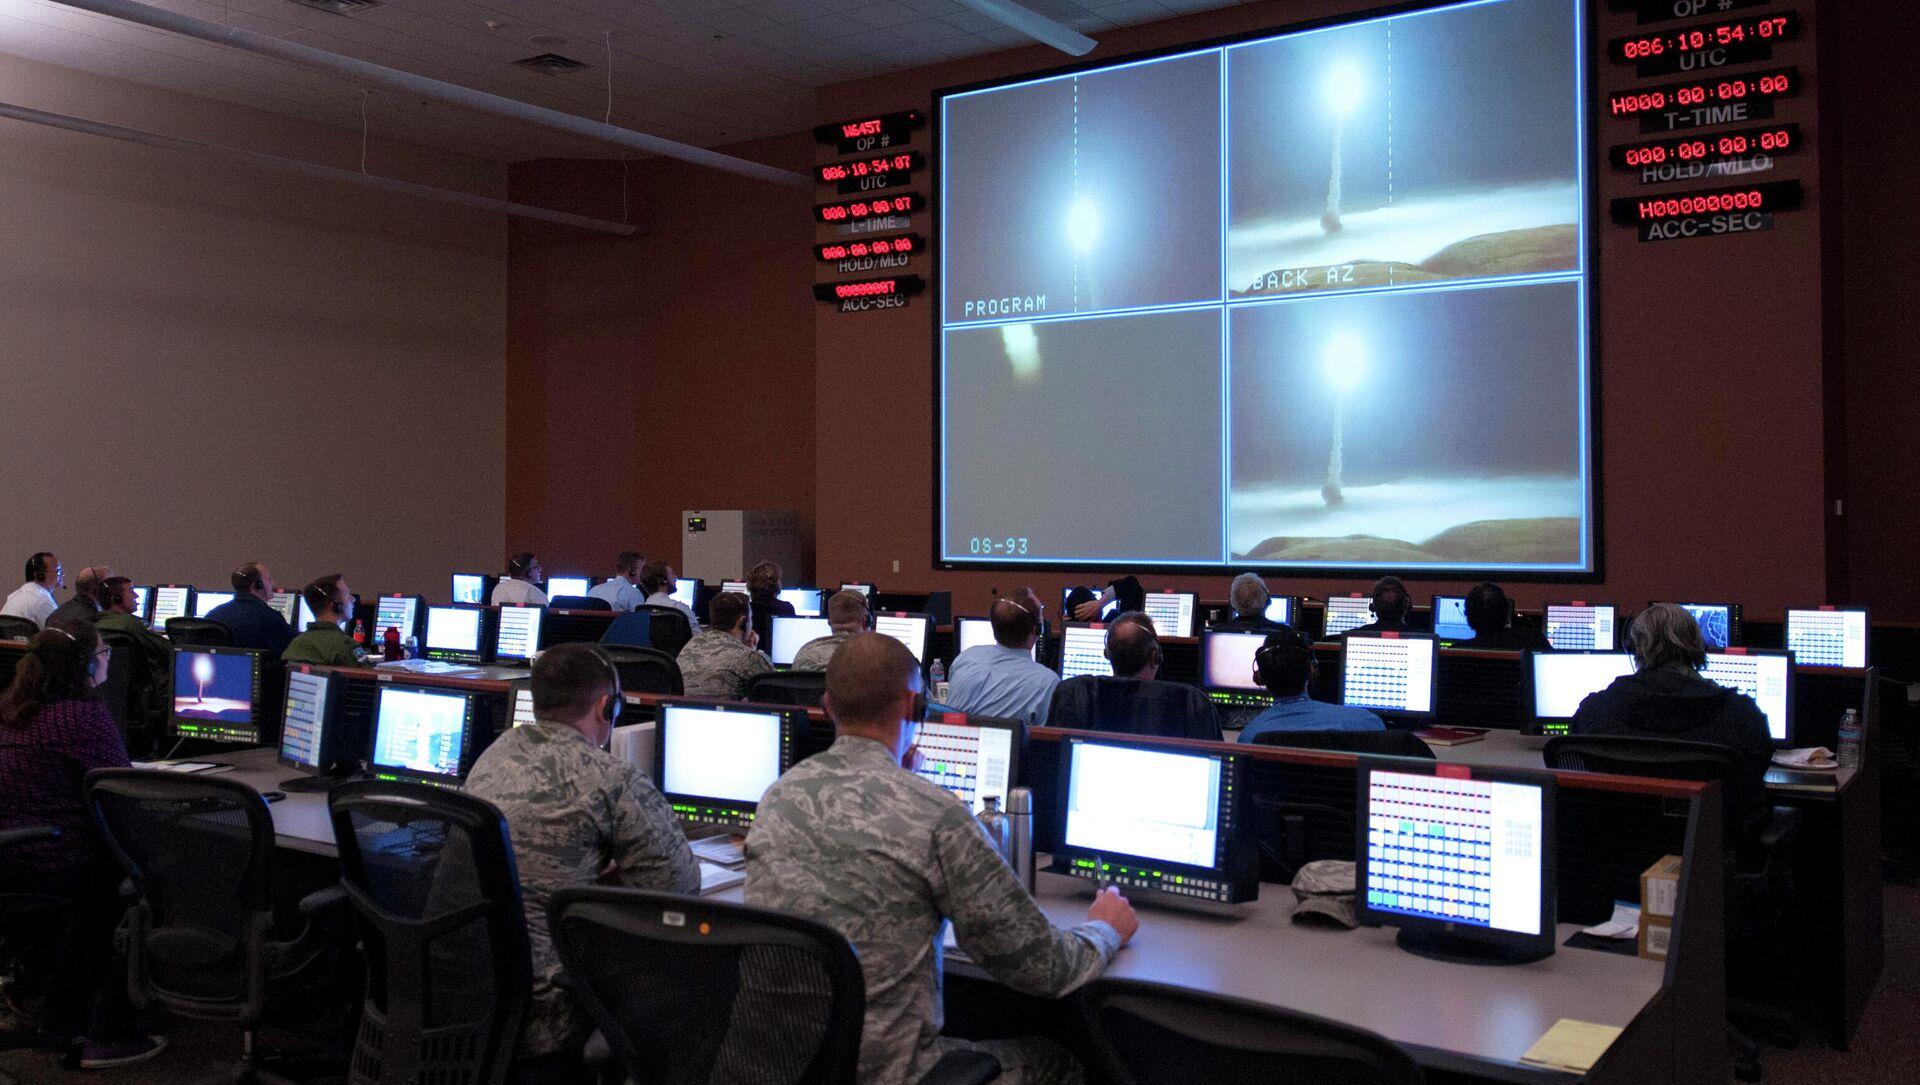 Vụ phóng thử tên lửa Minuteman III tại Vandenberg AFB, California - Sputnik Việt Nam, 1920, 03.09.2021